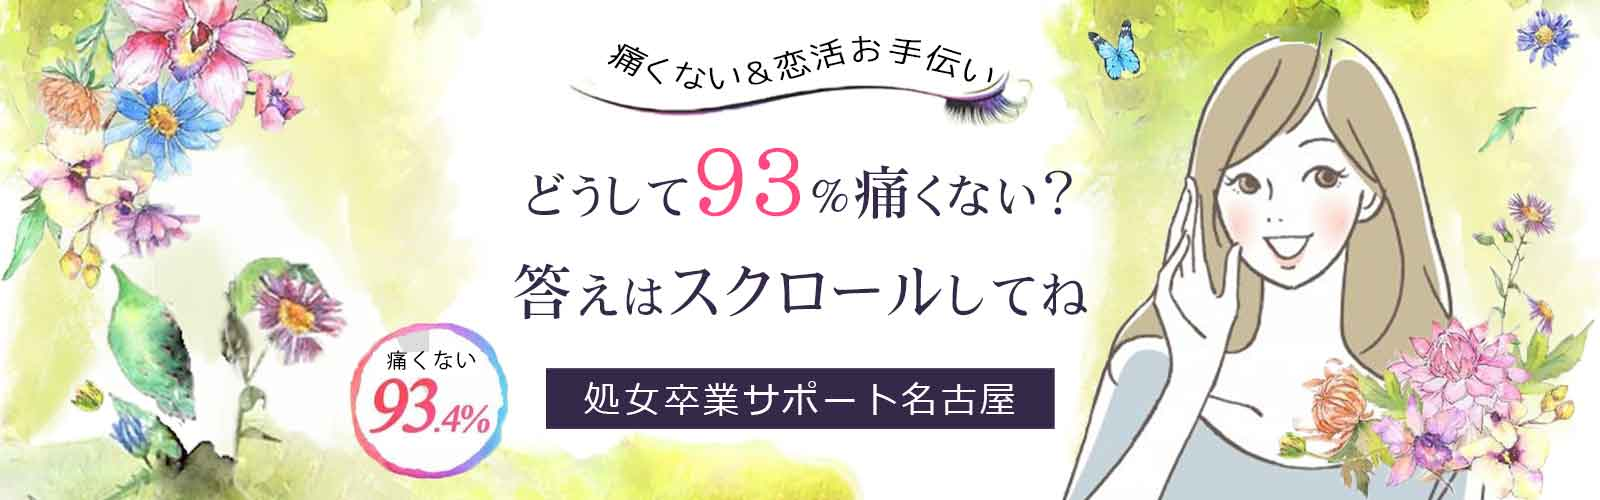 処女卒業サポート名古屋